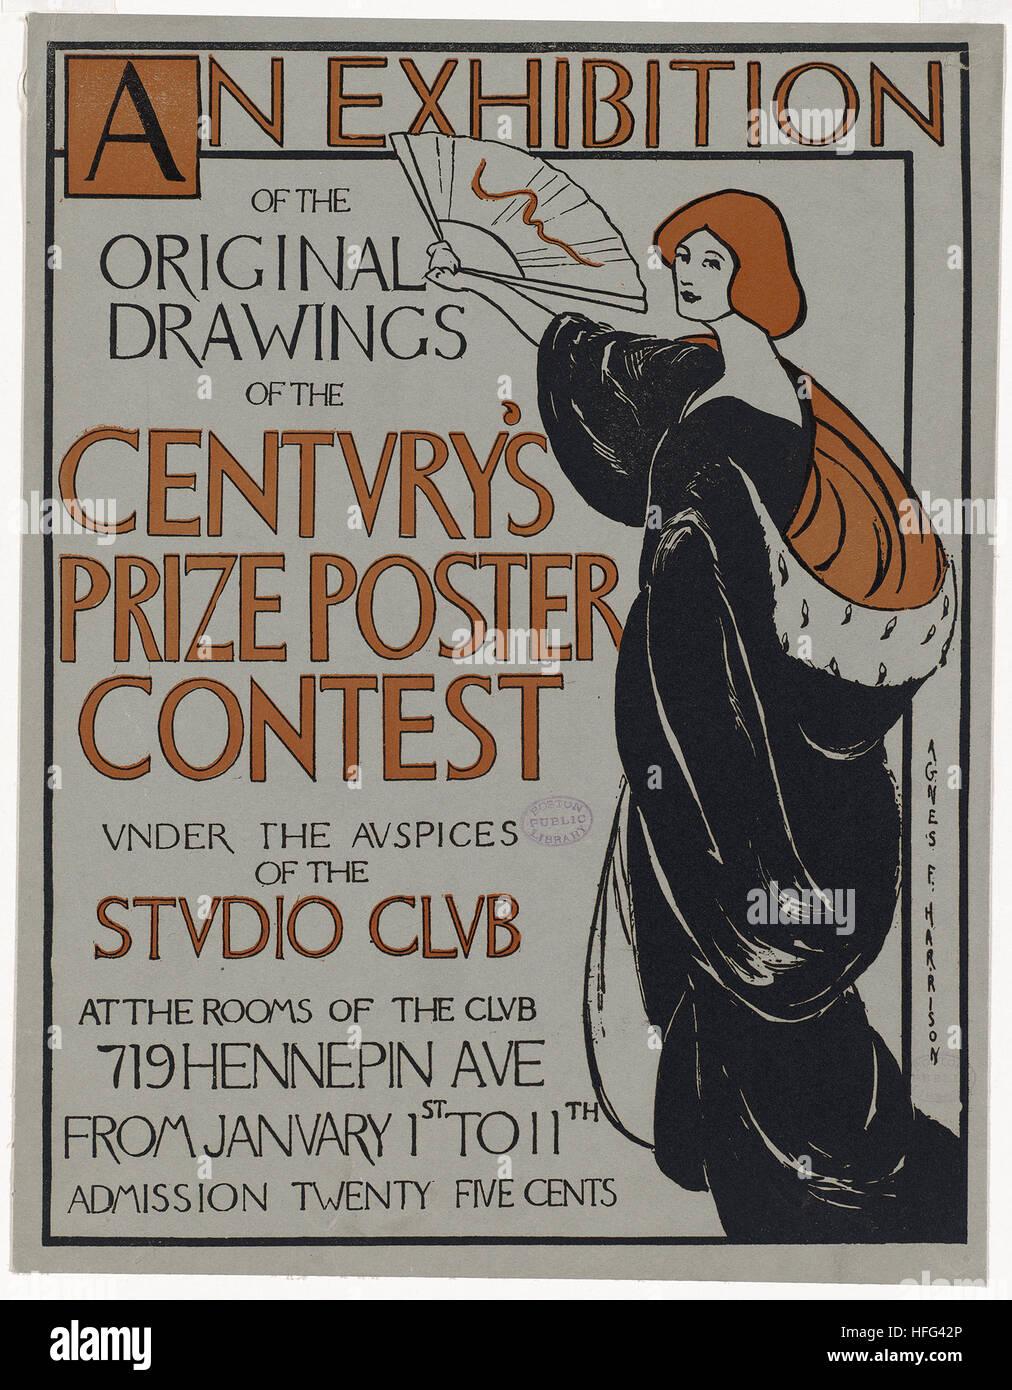 Eine Ausstellung mit Originalzeichnungen des Jahrhunderts Preis Plakat-Wettbewerb unter der Schirmherrschaft des Stockbild